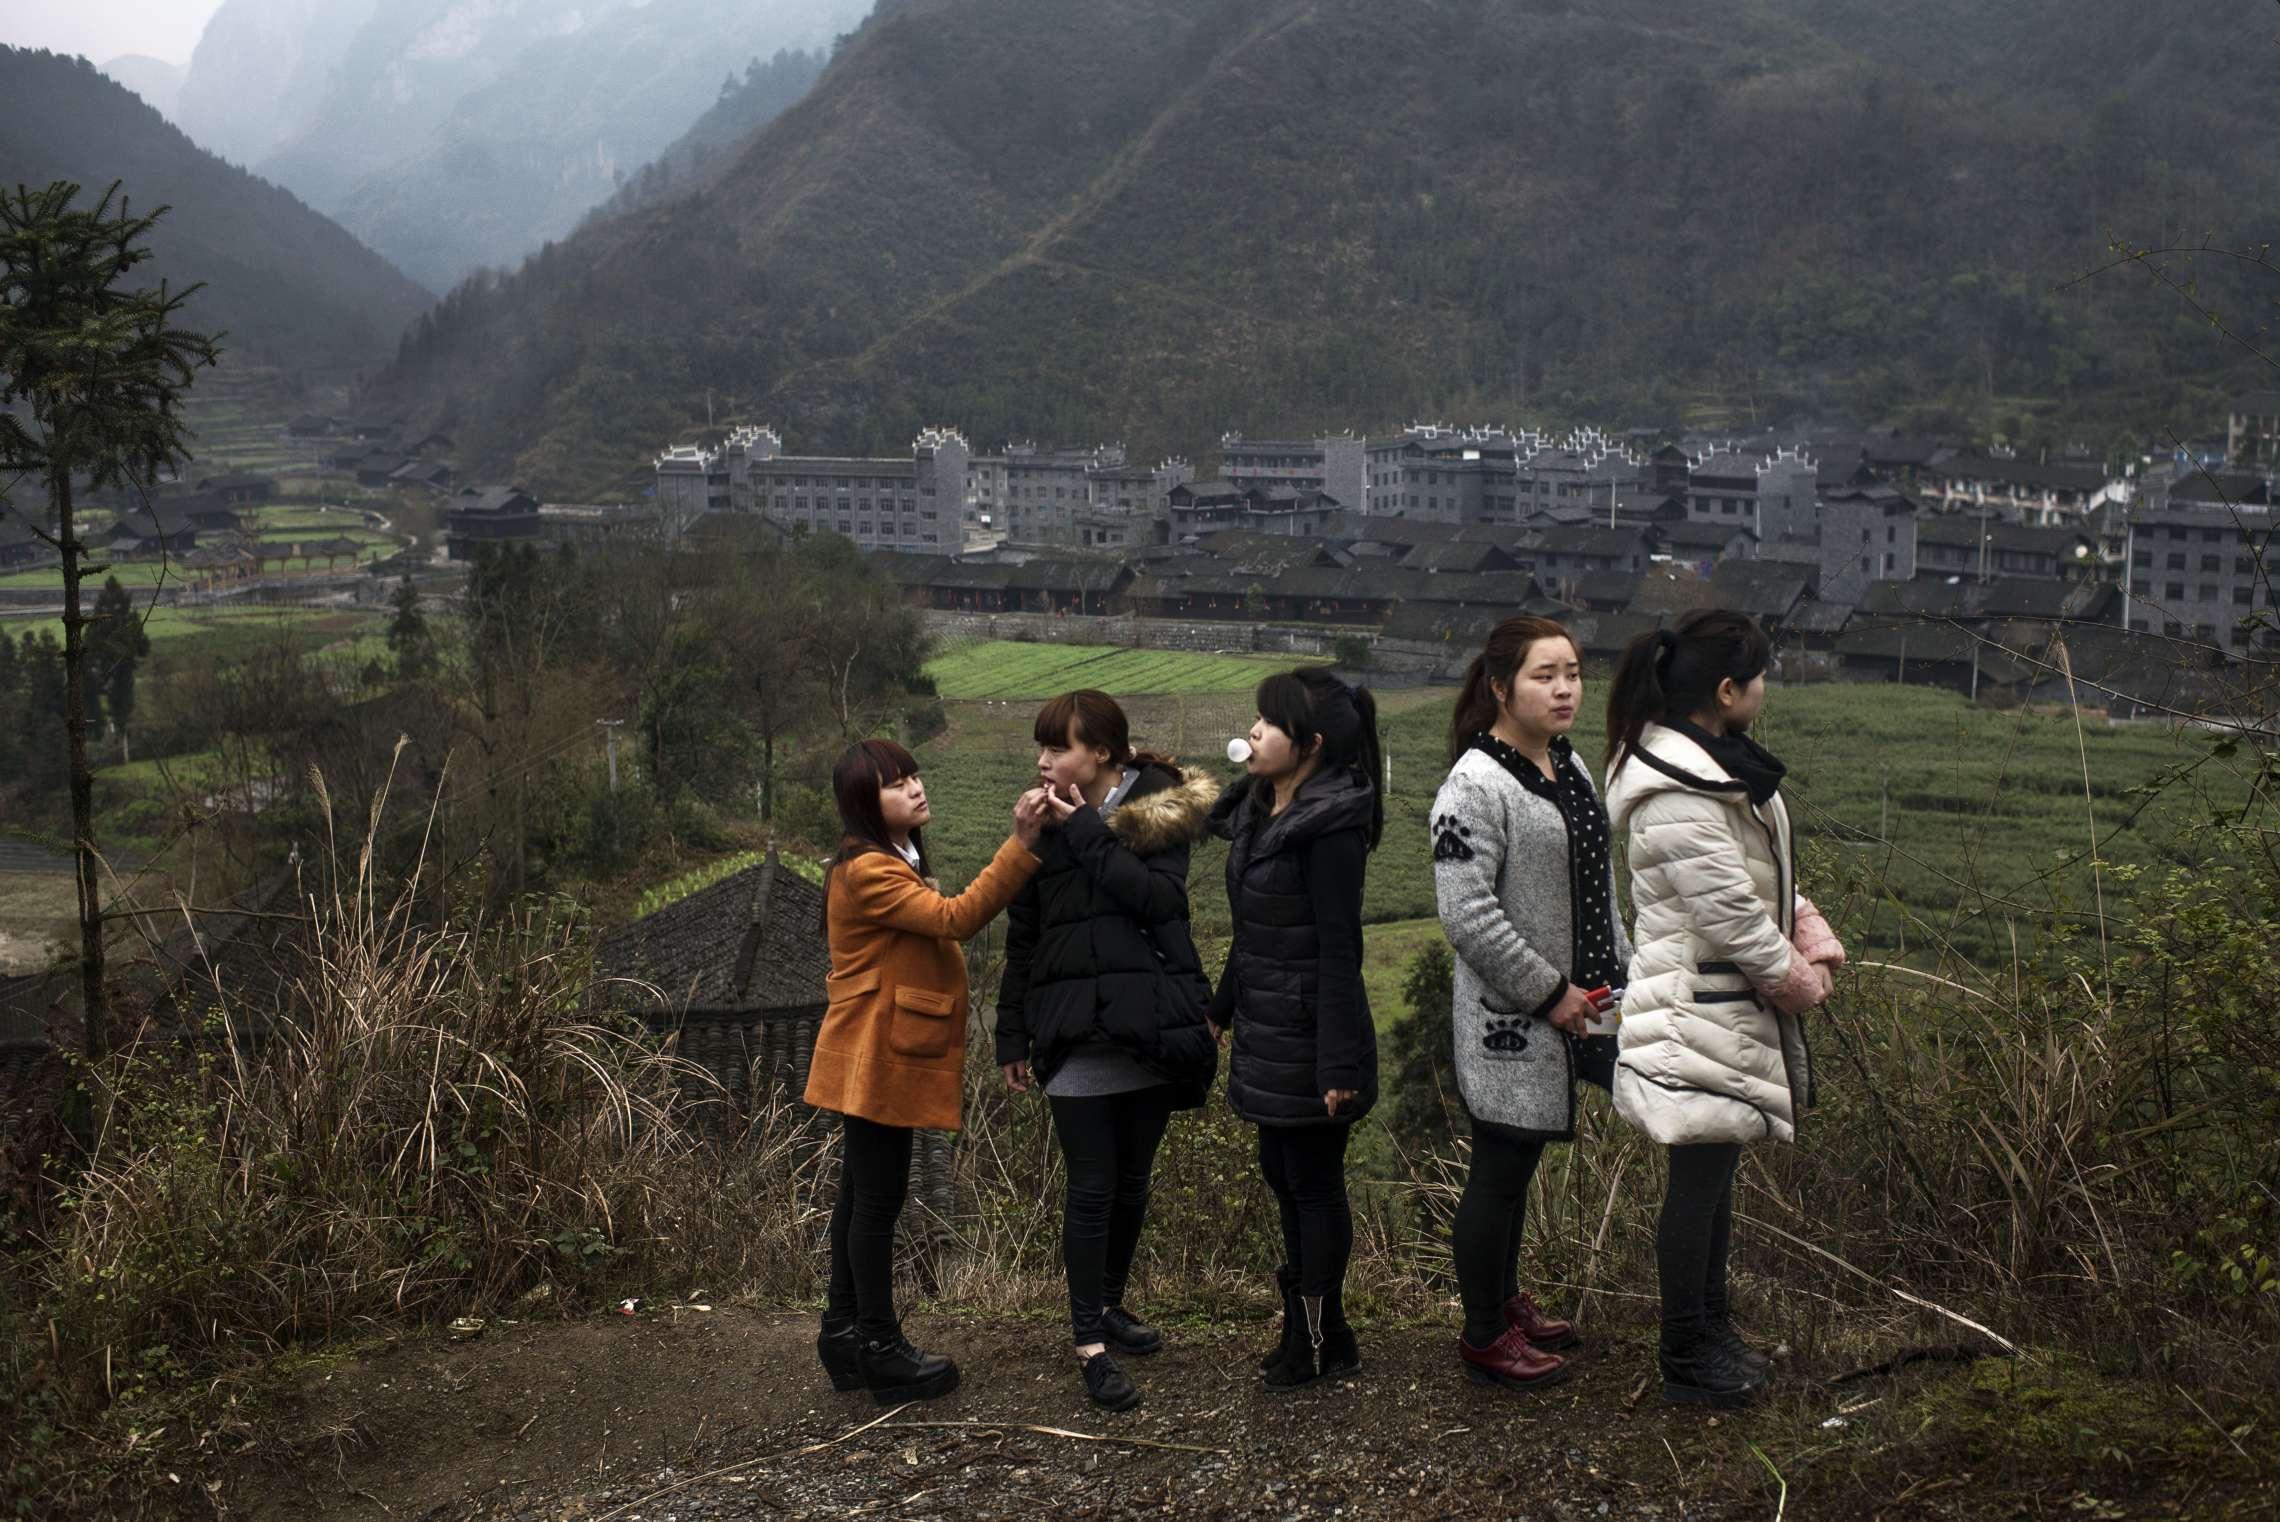 PK-nr: 10968 Kategori: 8, dokumentar utlandDato: 23.02.2015 Tittel: Hun reiser i morgen Hovedtekst: Siden 1978 har Kina opplevd den største folkevandringen i verdenshistorien. Nærmere 160 millioner kinesere har reist fra lutfattige landsbyer for å finne arbeid i byene. I fjellandsbyen Hangsha i Hunan provinsen, står Rong Shi Yu (14) på klippen sammen med barndomsvenninnene sine, hånd i hånd på høye hæler, mens de blåser rosa bobler. De synger om gutter de ennå ikke vet hvem er, som skal gjøre dem lykkelige, og kanskje velstående. De synger om å høre til her i Lu Dong-fjellene, men i morgen pakker de trillekoffertene, reiser fra alt de kjenner, mot kysten og storbyene. Der venter Kinas mest effektive fabrikker med ti kroner i timen, ti timer hver dag. Men der venter også mulighetene for økonomisk uavhengighet. Bildetekst: Mens bøndene venter på vårregnet, har venninnegjengen funnet sitt faste møtepunkt med utsikt over landsbyen de har vokst opp i. De har ikke sett hverandre på ett år. De fleste forlot Hangsha for å arbeide da de var 15 år. Fra venstre: Shi Yu Rong (14), Shi Yu Zheng (18), Shi Si Hua (26), Shi Yu Pun (23) og Shi Pi Hua (22).